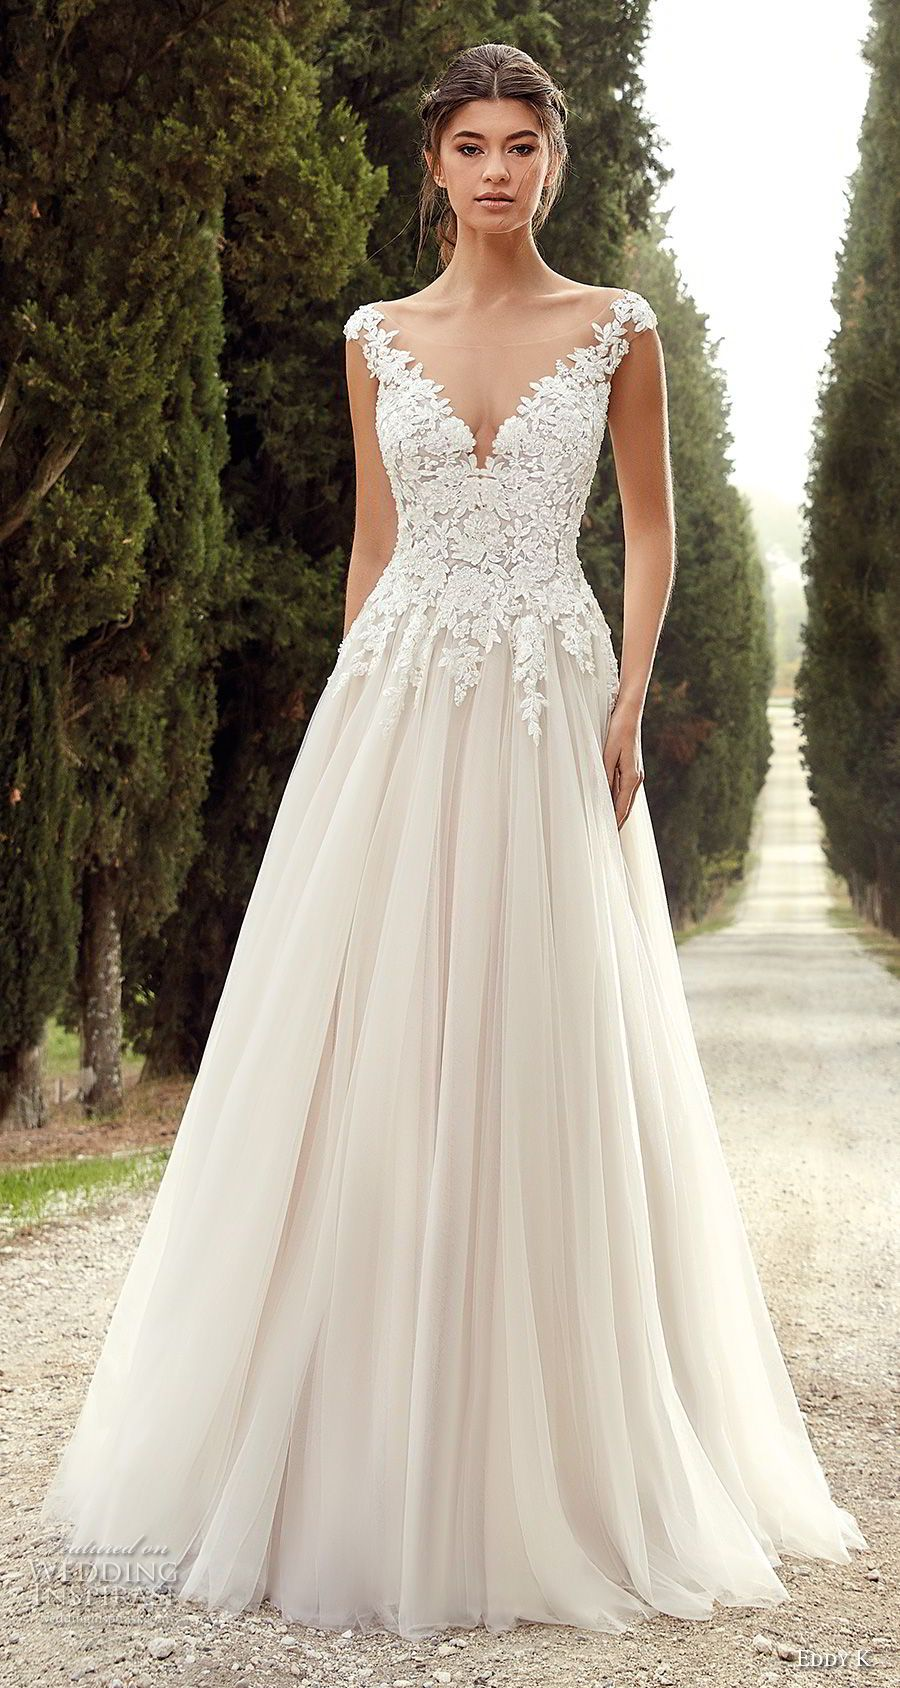 Eddy K. 2019 Wedding Dresses in 2019 | #1 bridal gowns ...